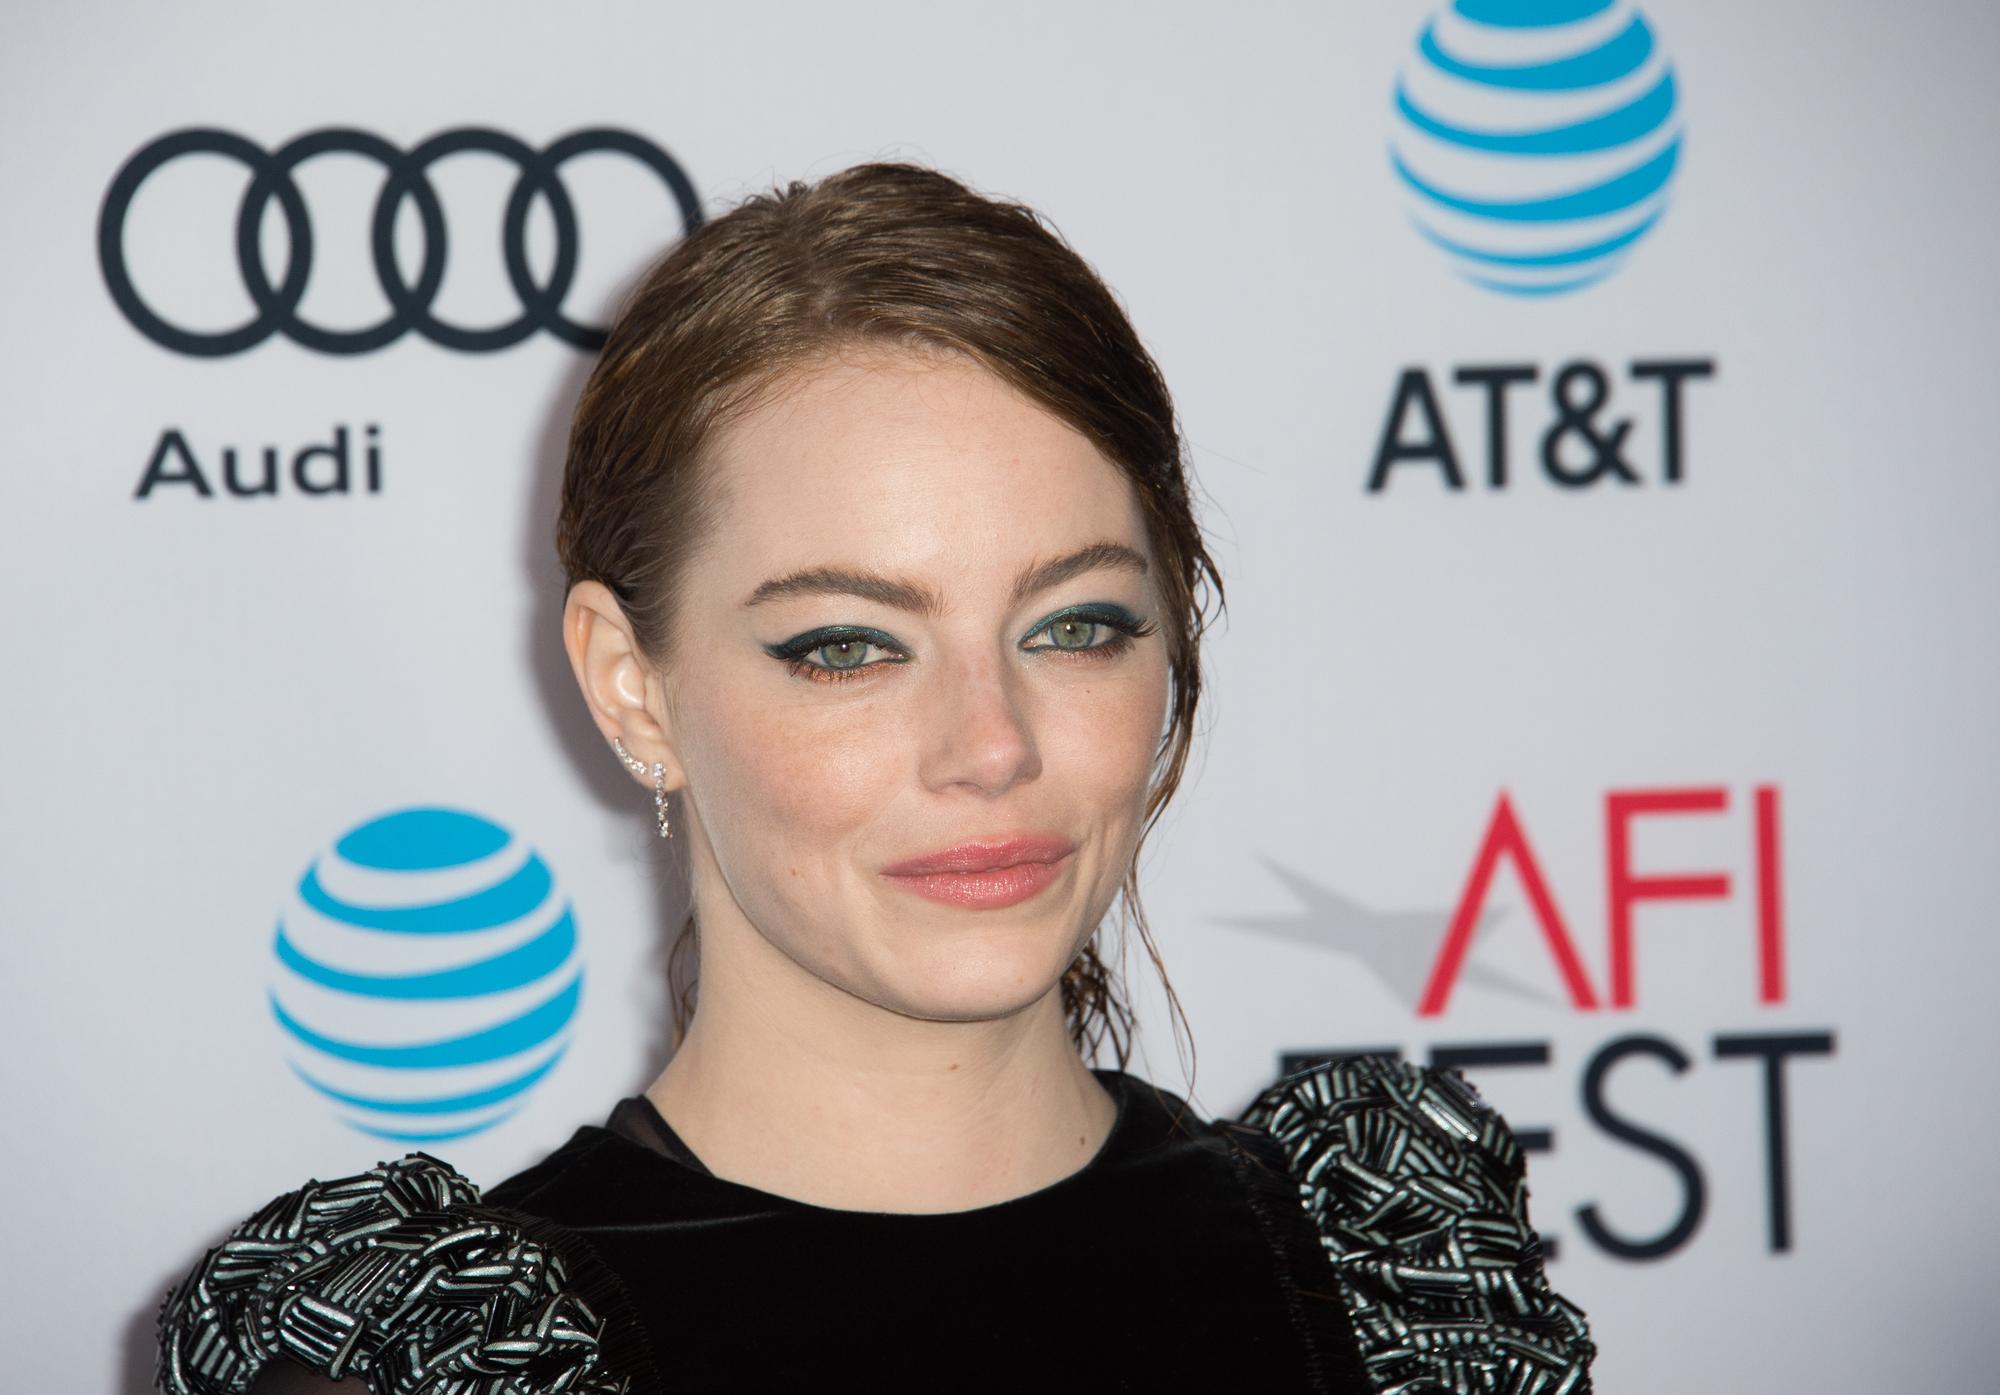 Эмма Стоун рассказала о забавном случае, связанном с ее мамой и Анджелиной Джоли